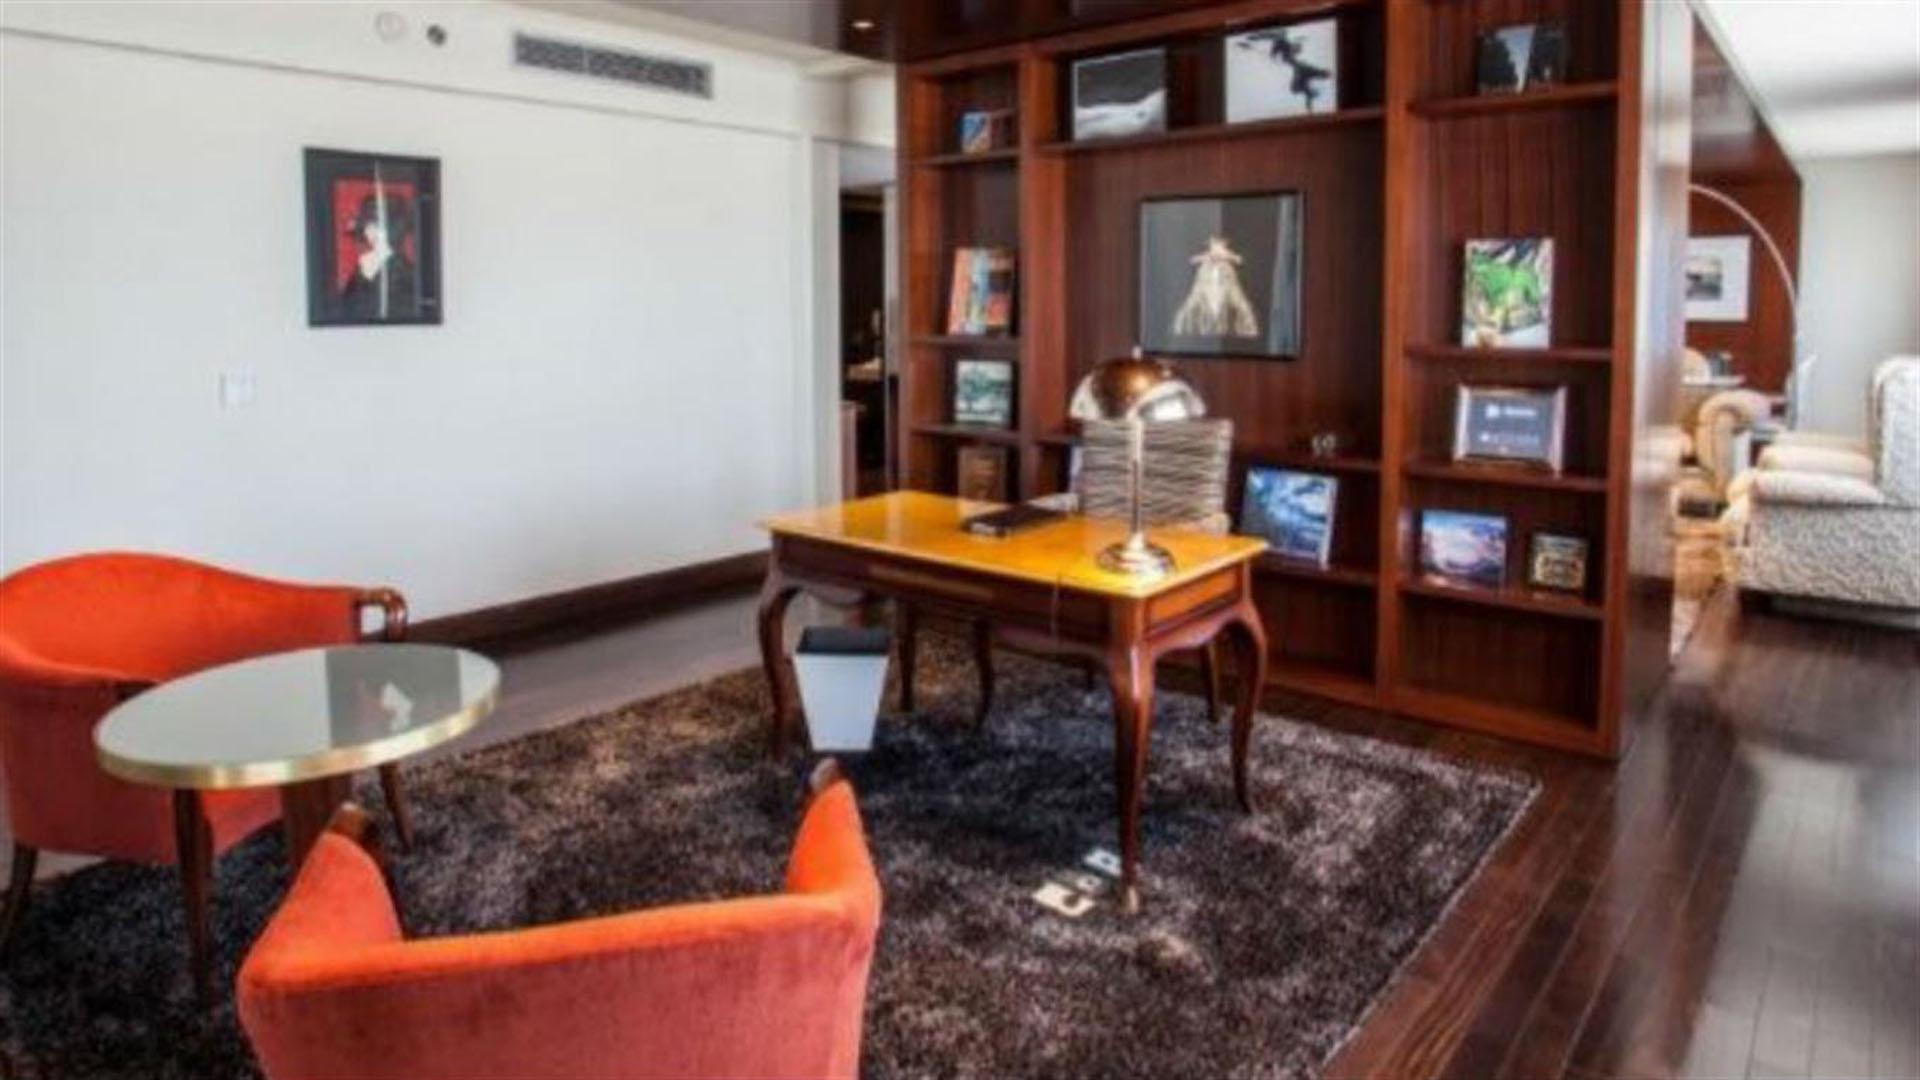 El espacio, de 134 metros cuadrados, cuenta con una cocina independiente, un comedor con mármol de carrara, un living, una biblioteca, un vestidor y un hidromasaje